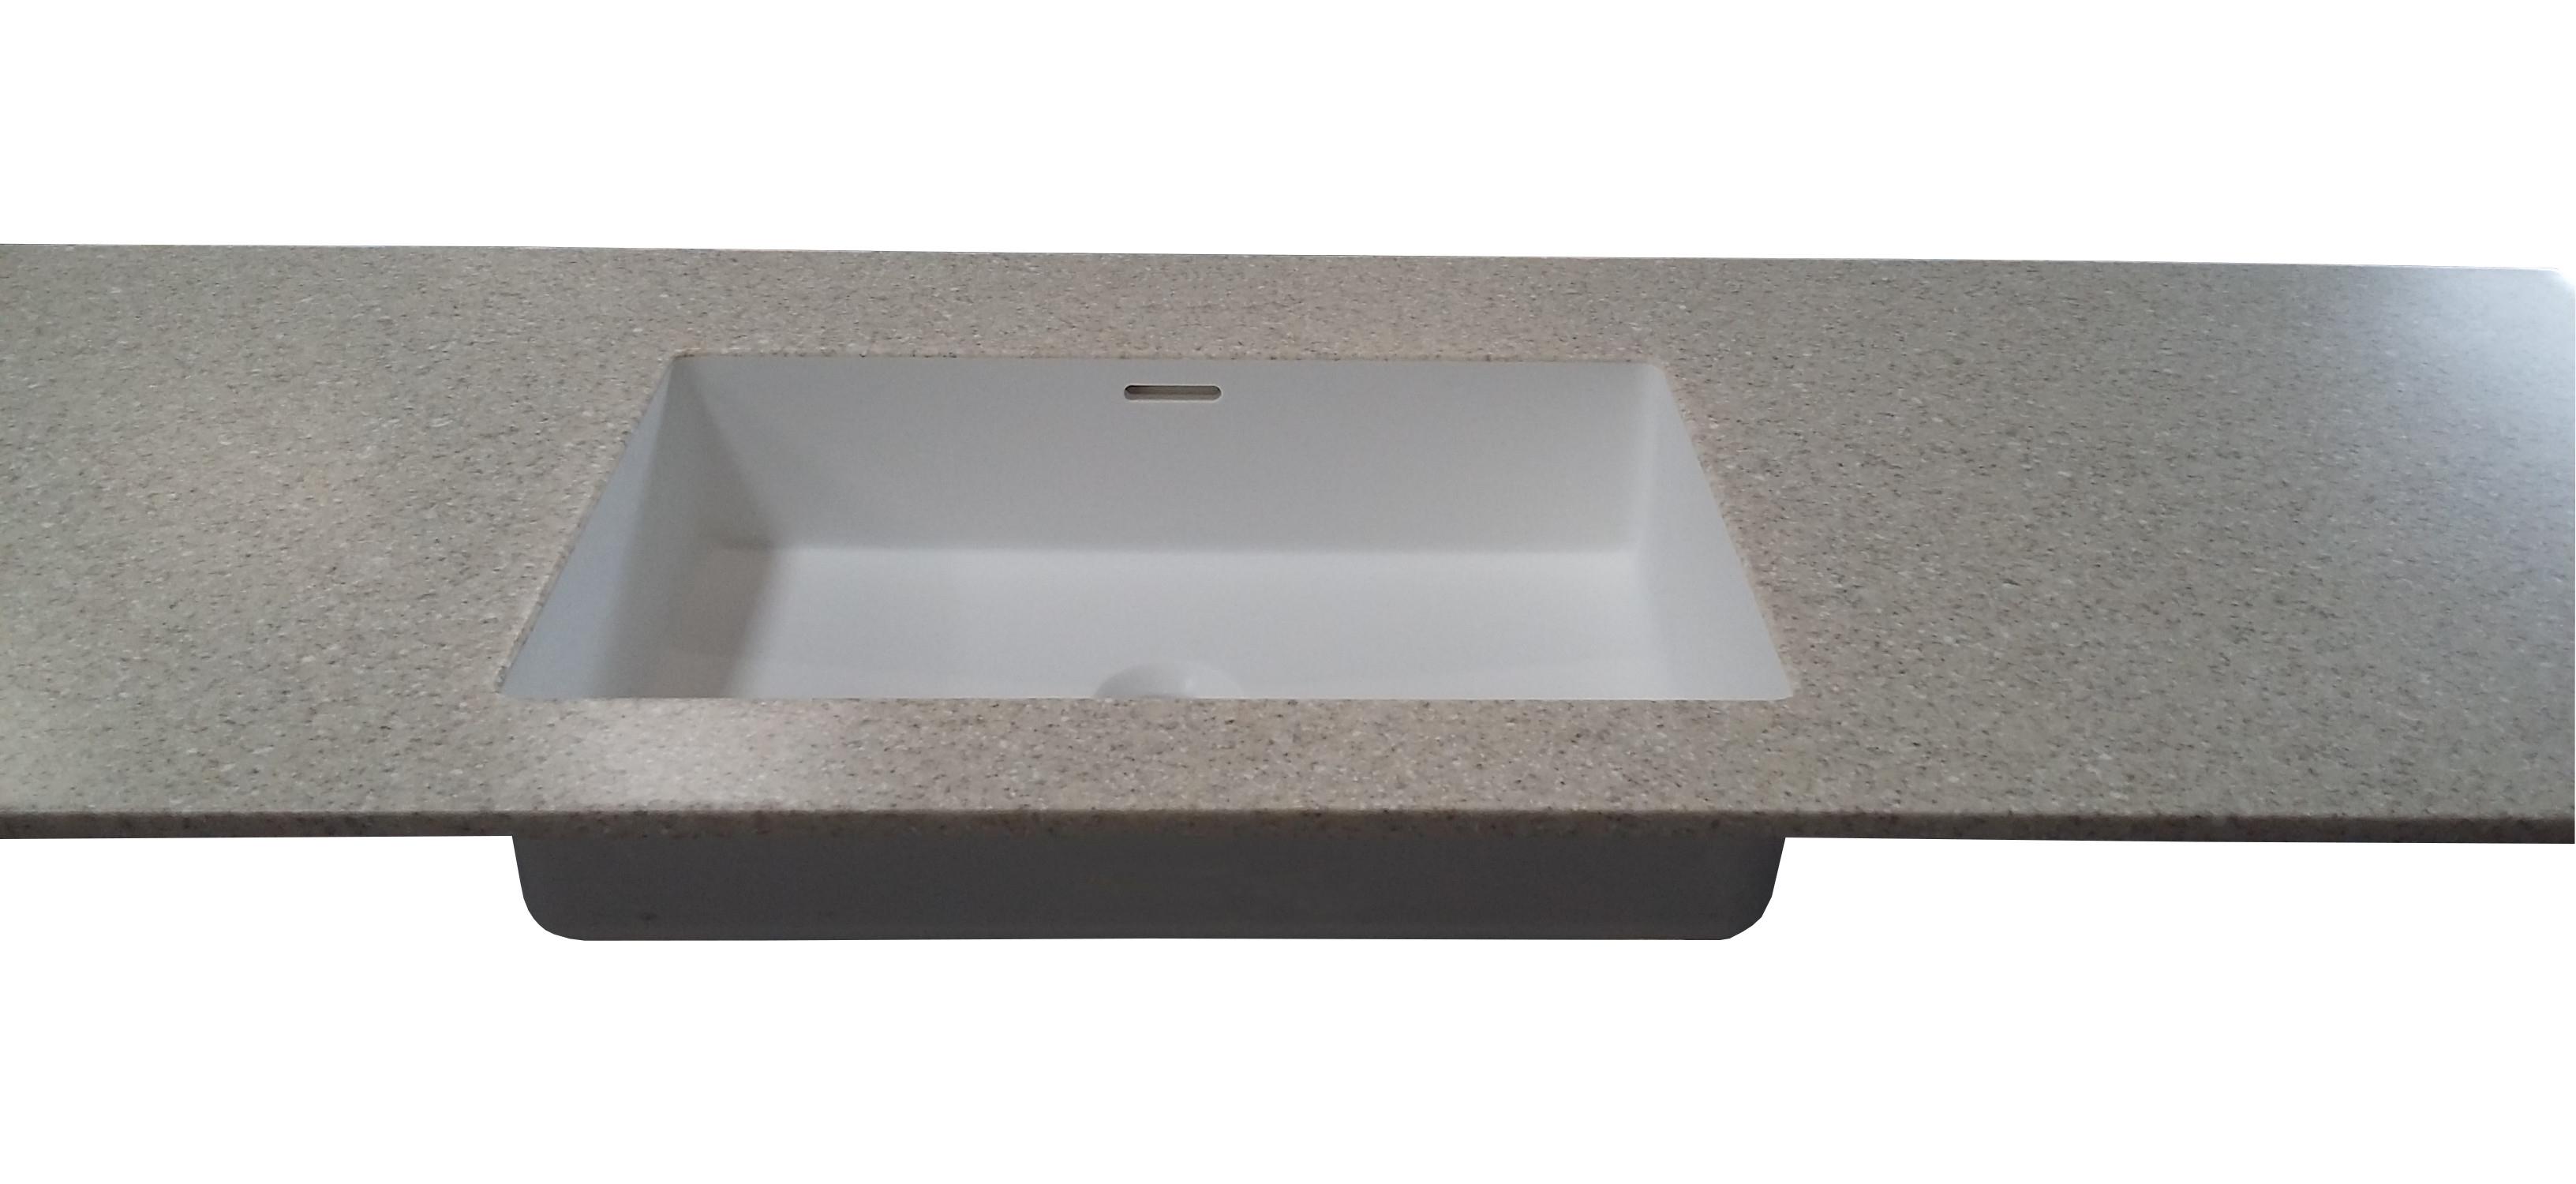 Dupont Corian bordplade med isvejst corianvask Quiet 7110 til badeværelse Farve på bordplade er Sahara. Farve på vask er Glacier White.